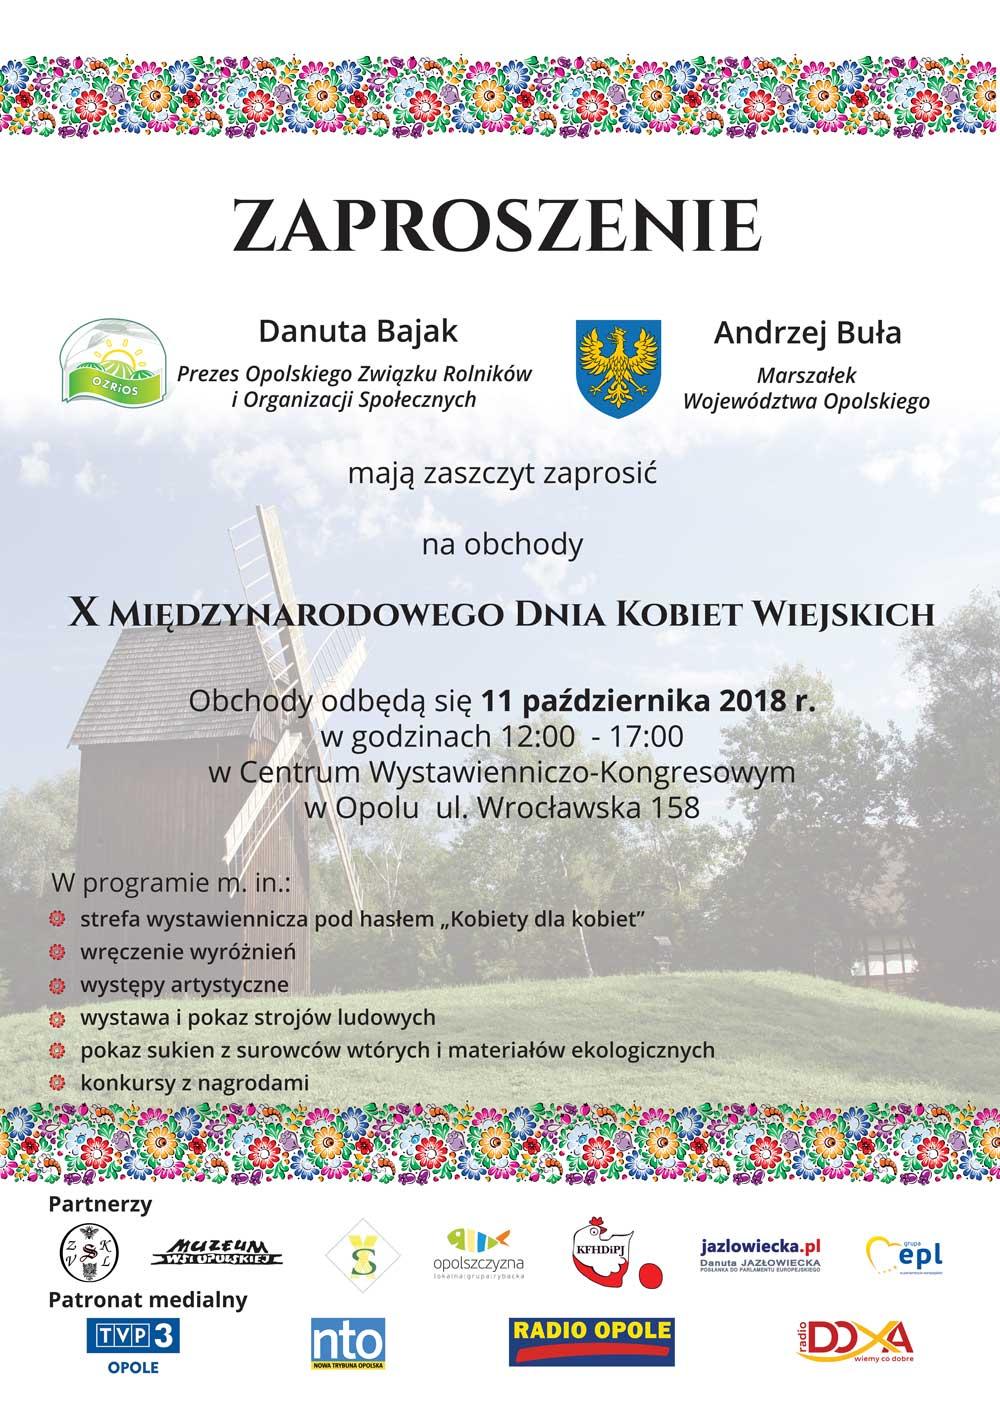 Zaproszenie na X Międzynarodowy Dzień Kobiet Wiejskich